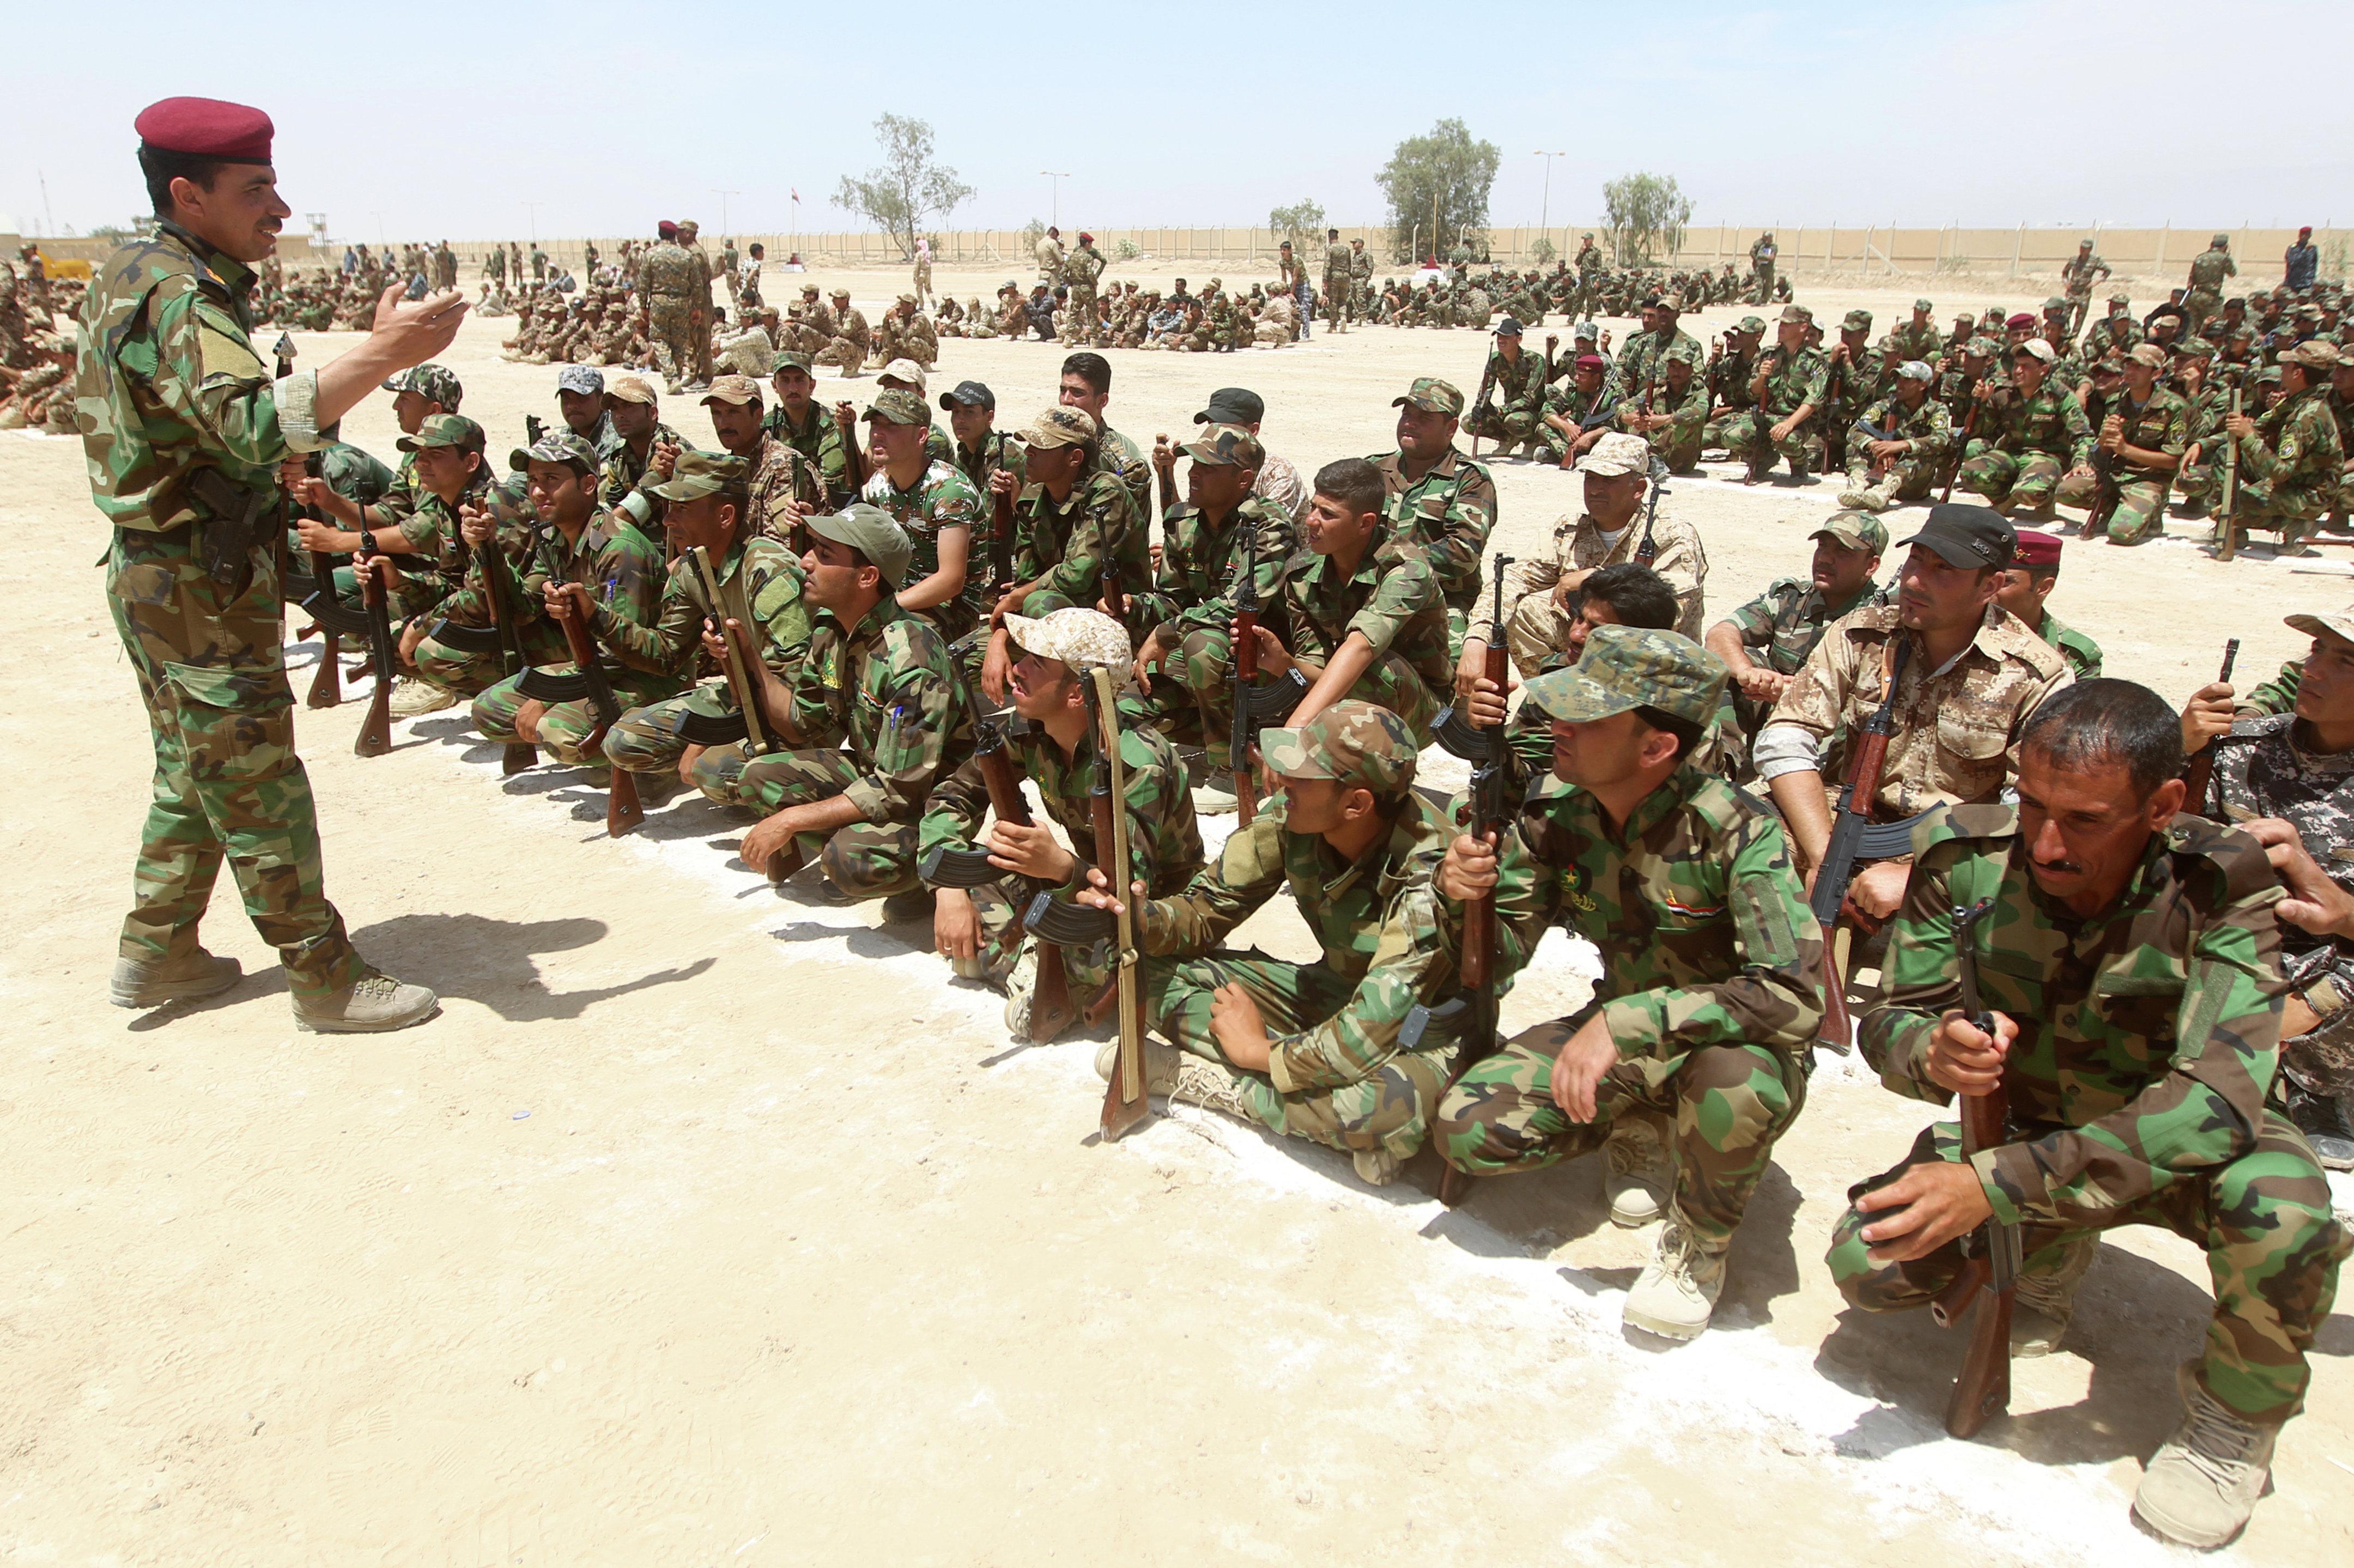 Voluntários sunitas do Iraque na província de Anbar